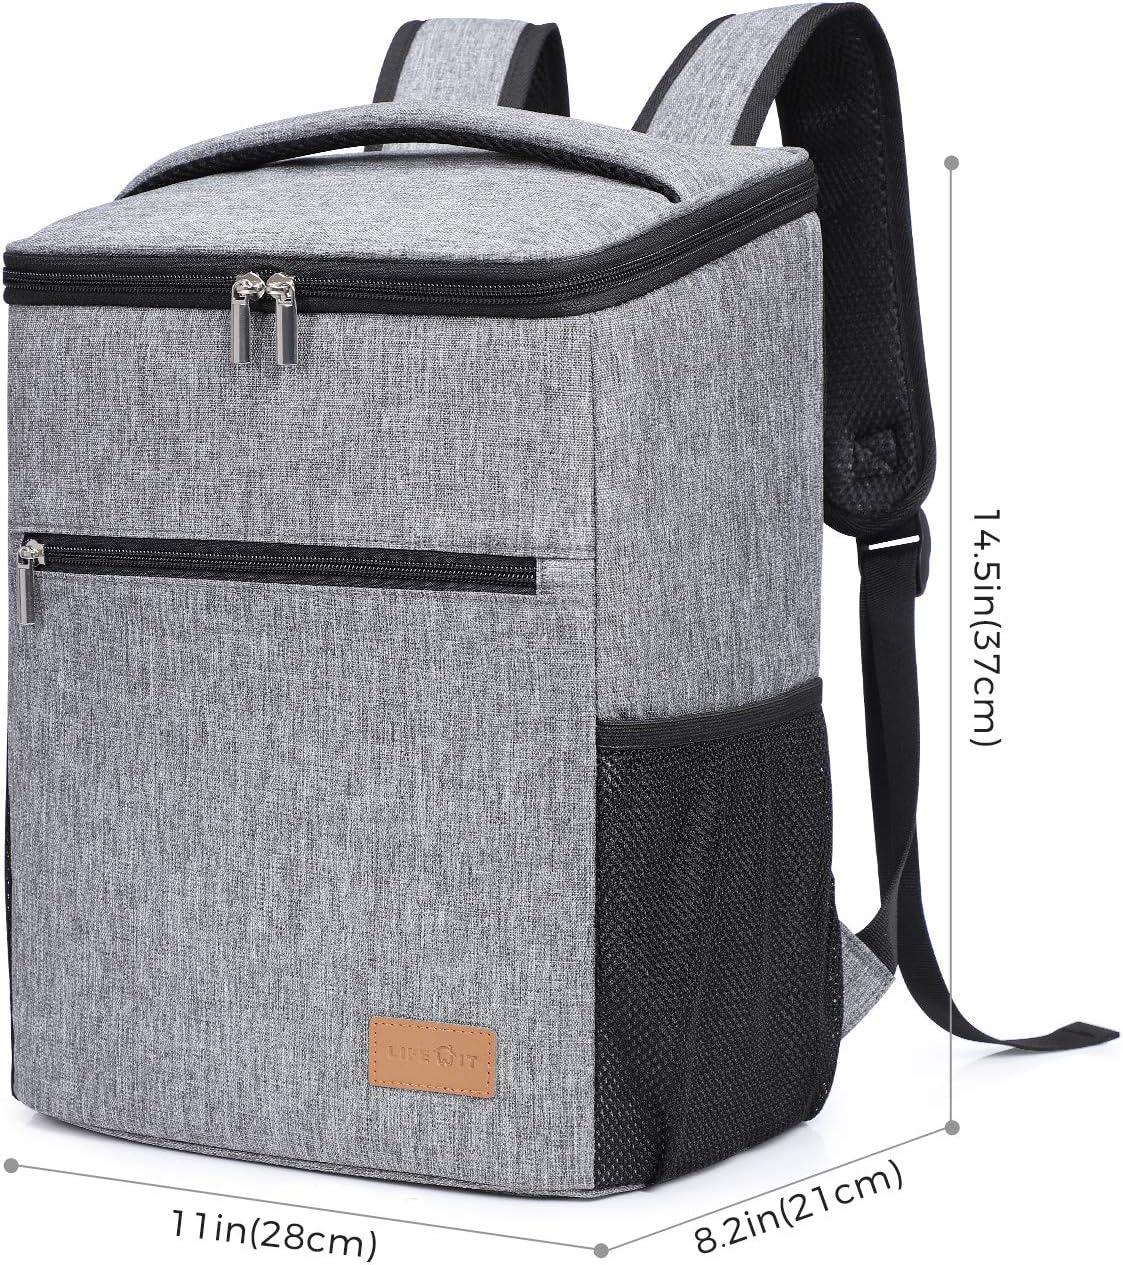 Grande boîte 24L cooler camping plage pique-nique isolé GLACE ALIMENTAIRE COOL BOX voyage sac